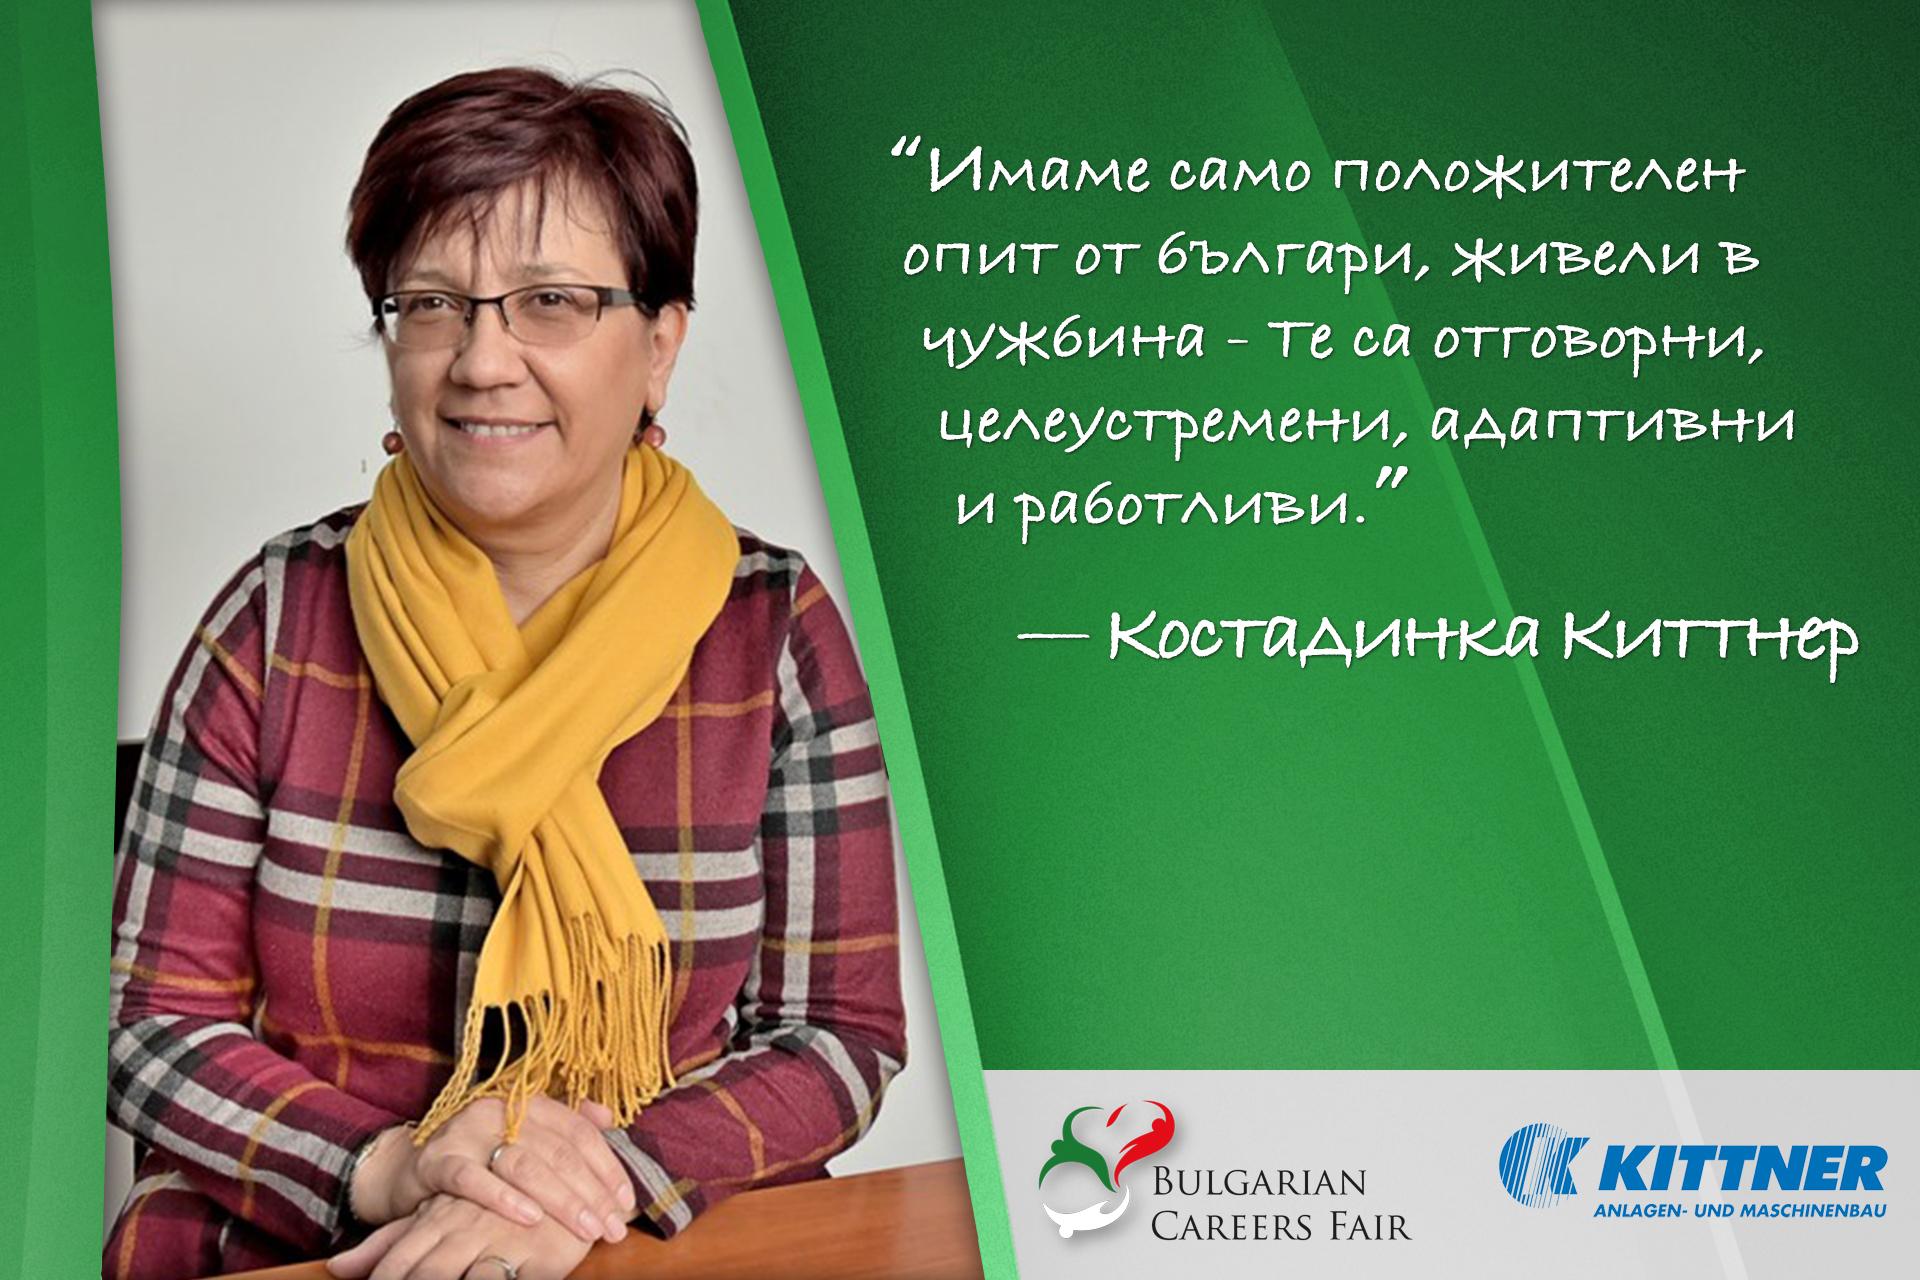 Kostadinka-Kittner_quote